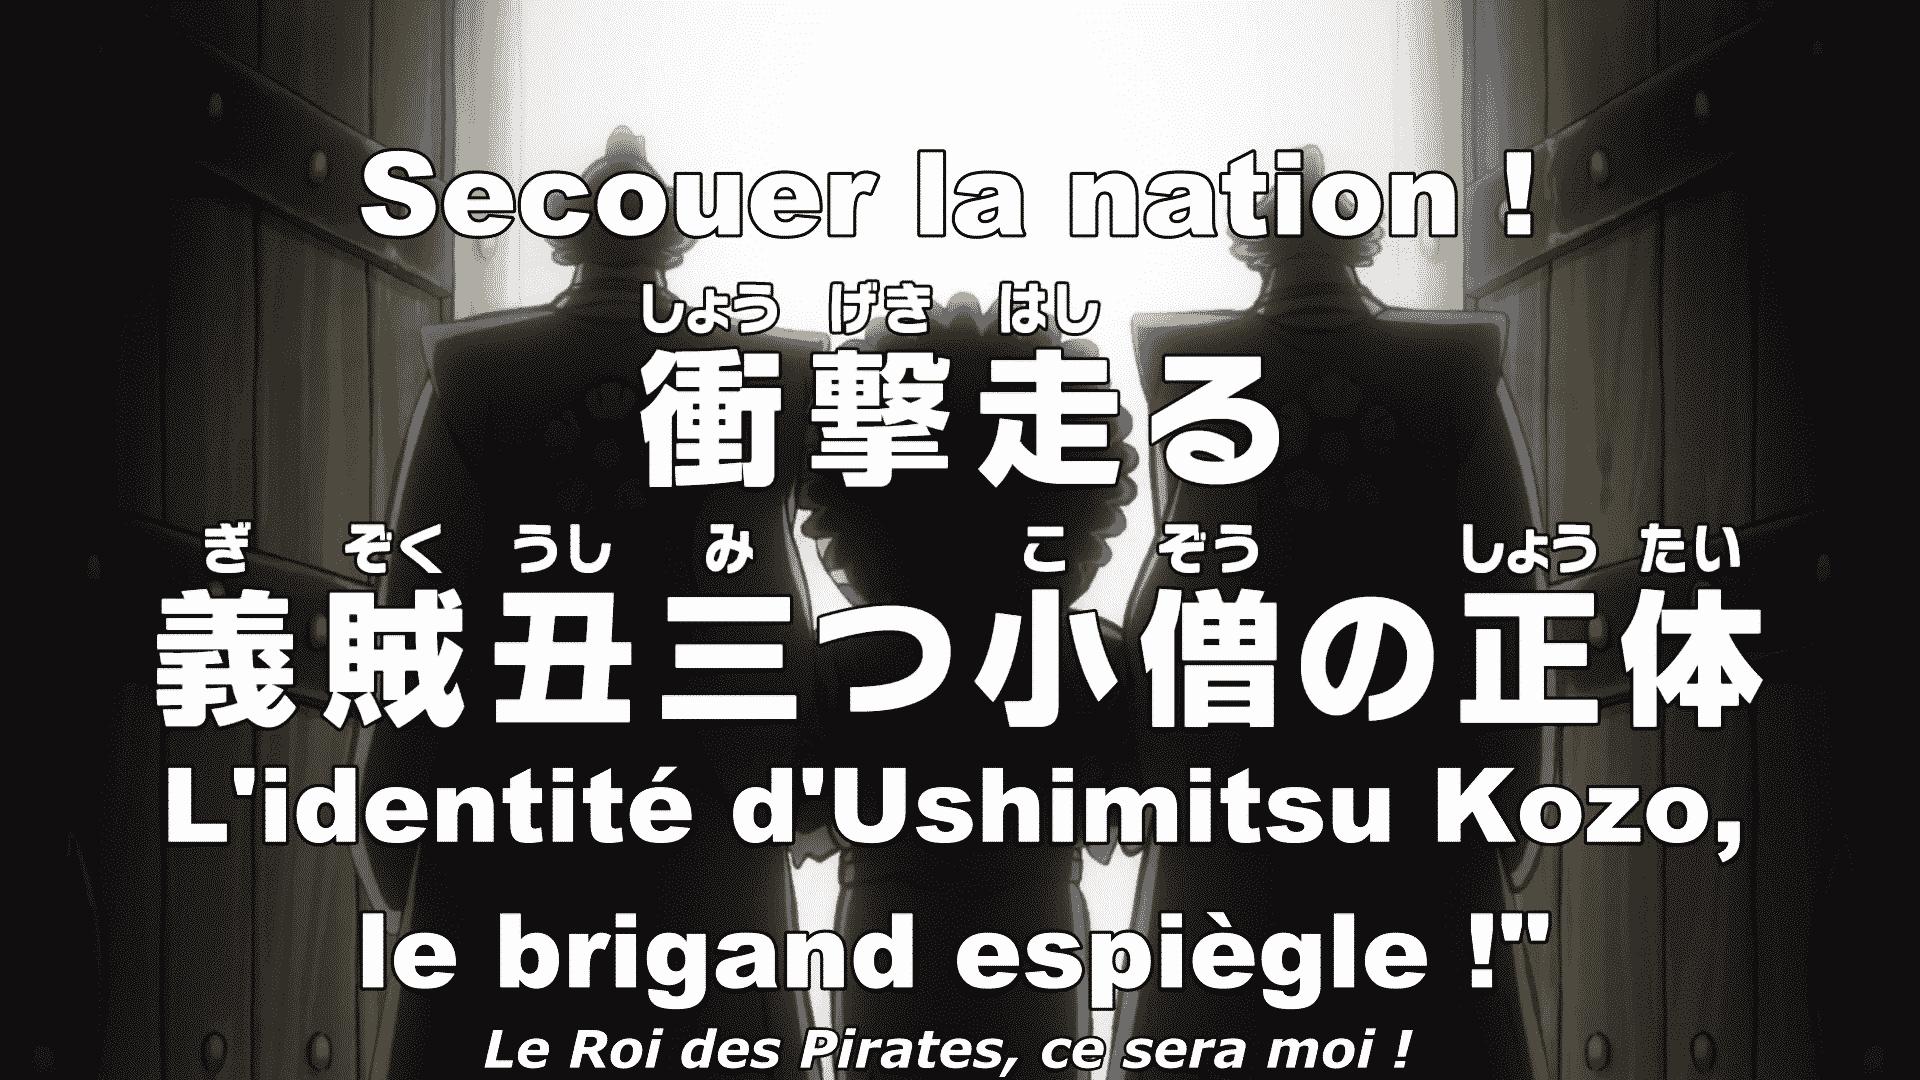 """One piece 938 vostfr Secouer la nation ! - L'identité d'Ushimitsu kozo,le brigand espiègle!"""" 24"""